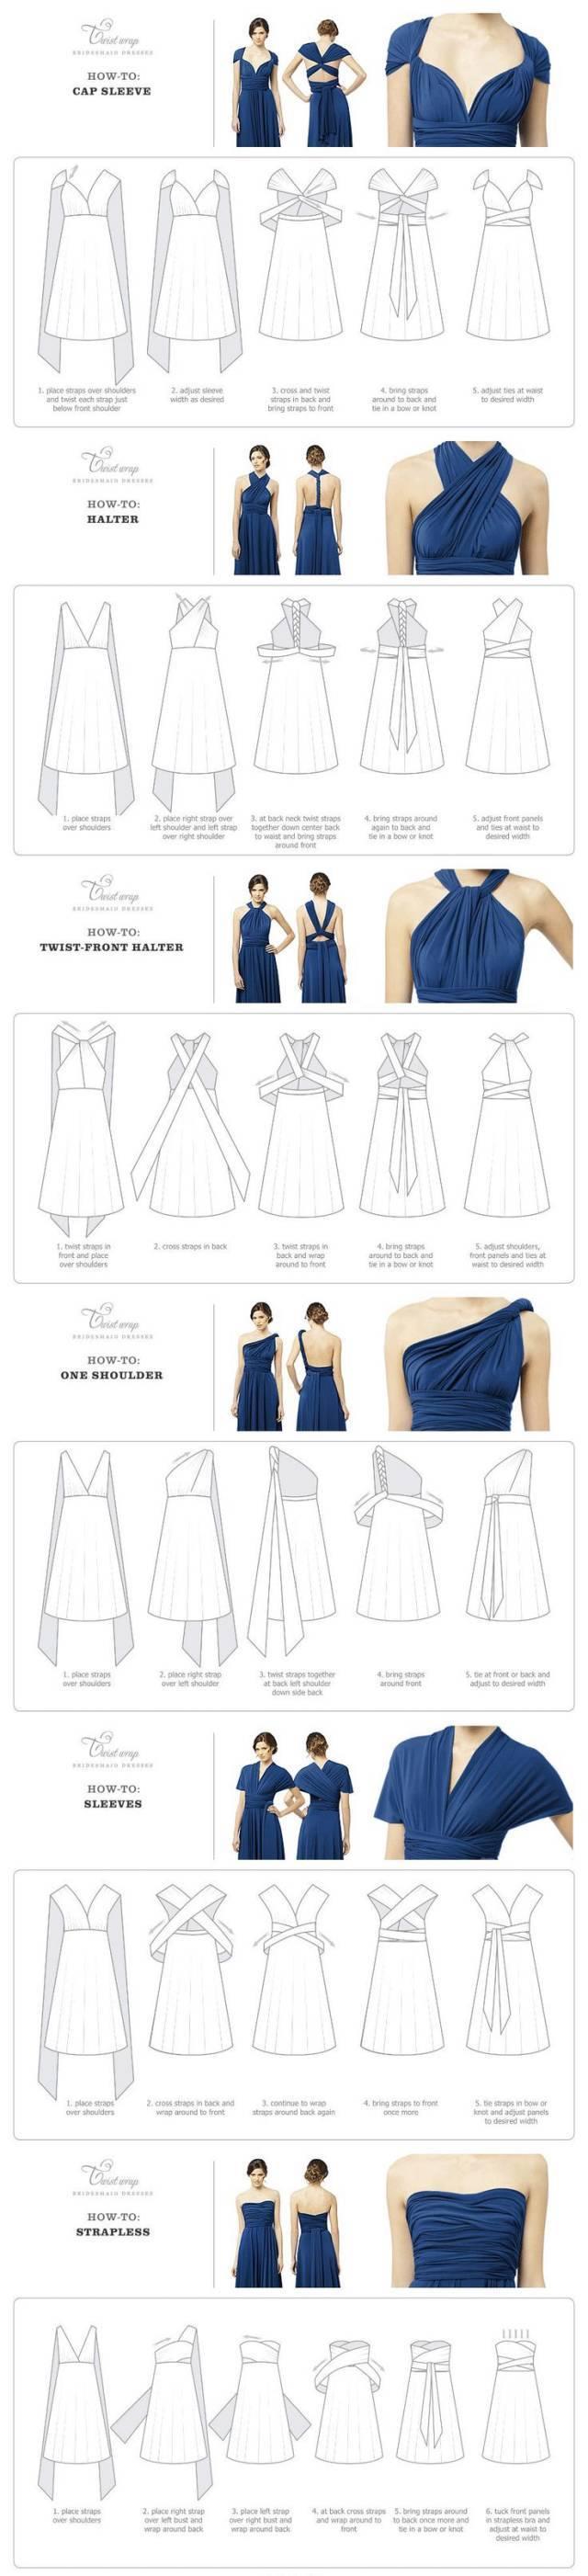 版师必备|图解6种礼服领口设计 常见领口分类 五种常见领型立裁图解